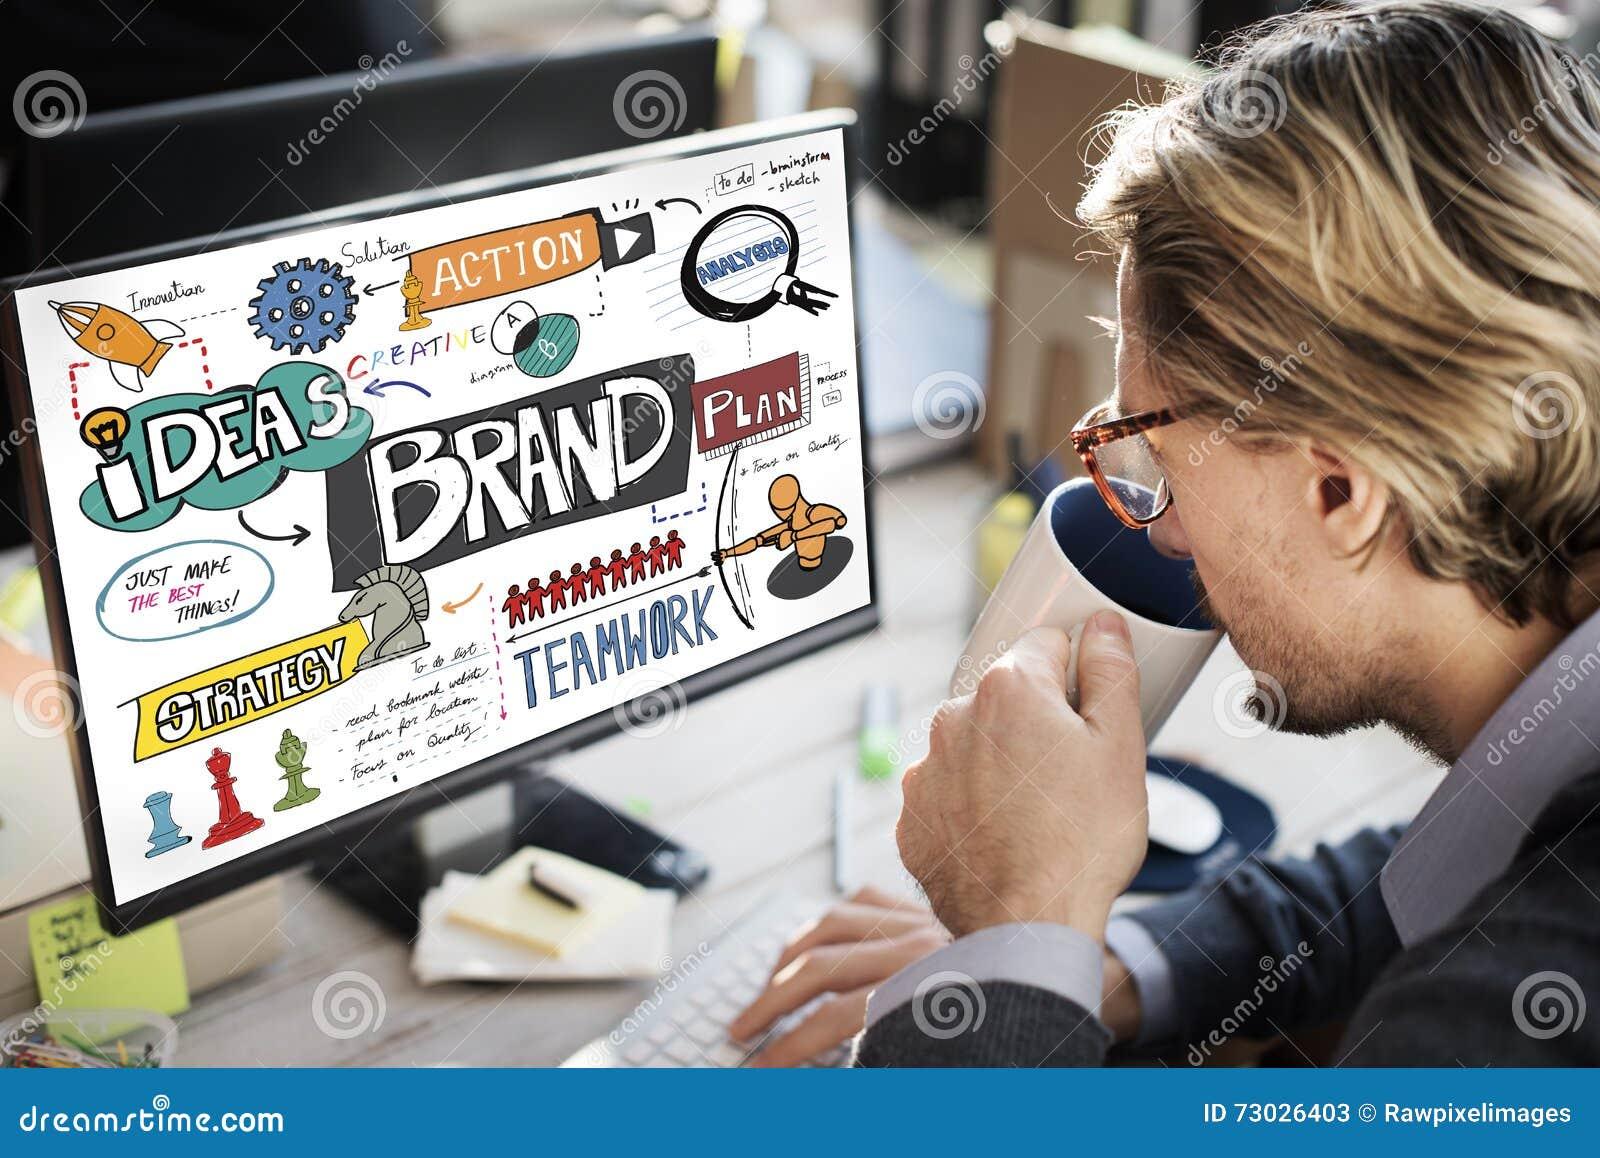 Merk het Brandmerken Strategie die Creatief Concept op de markt brengt